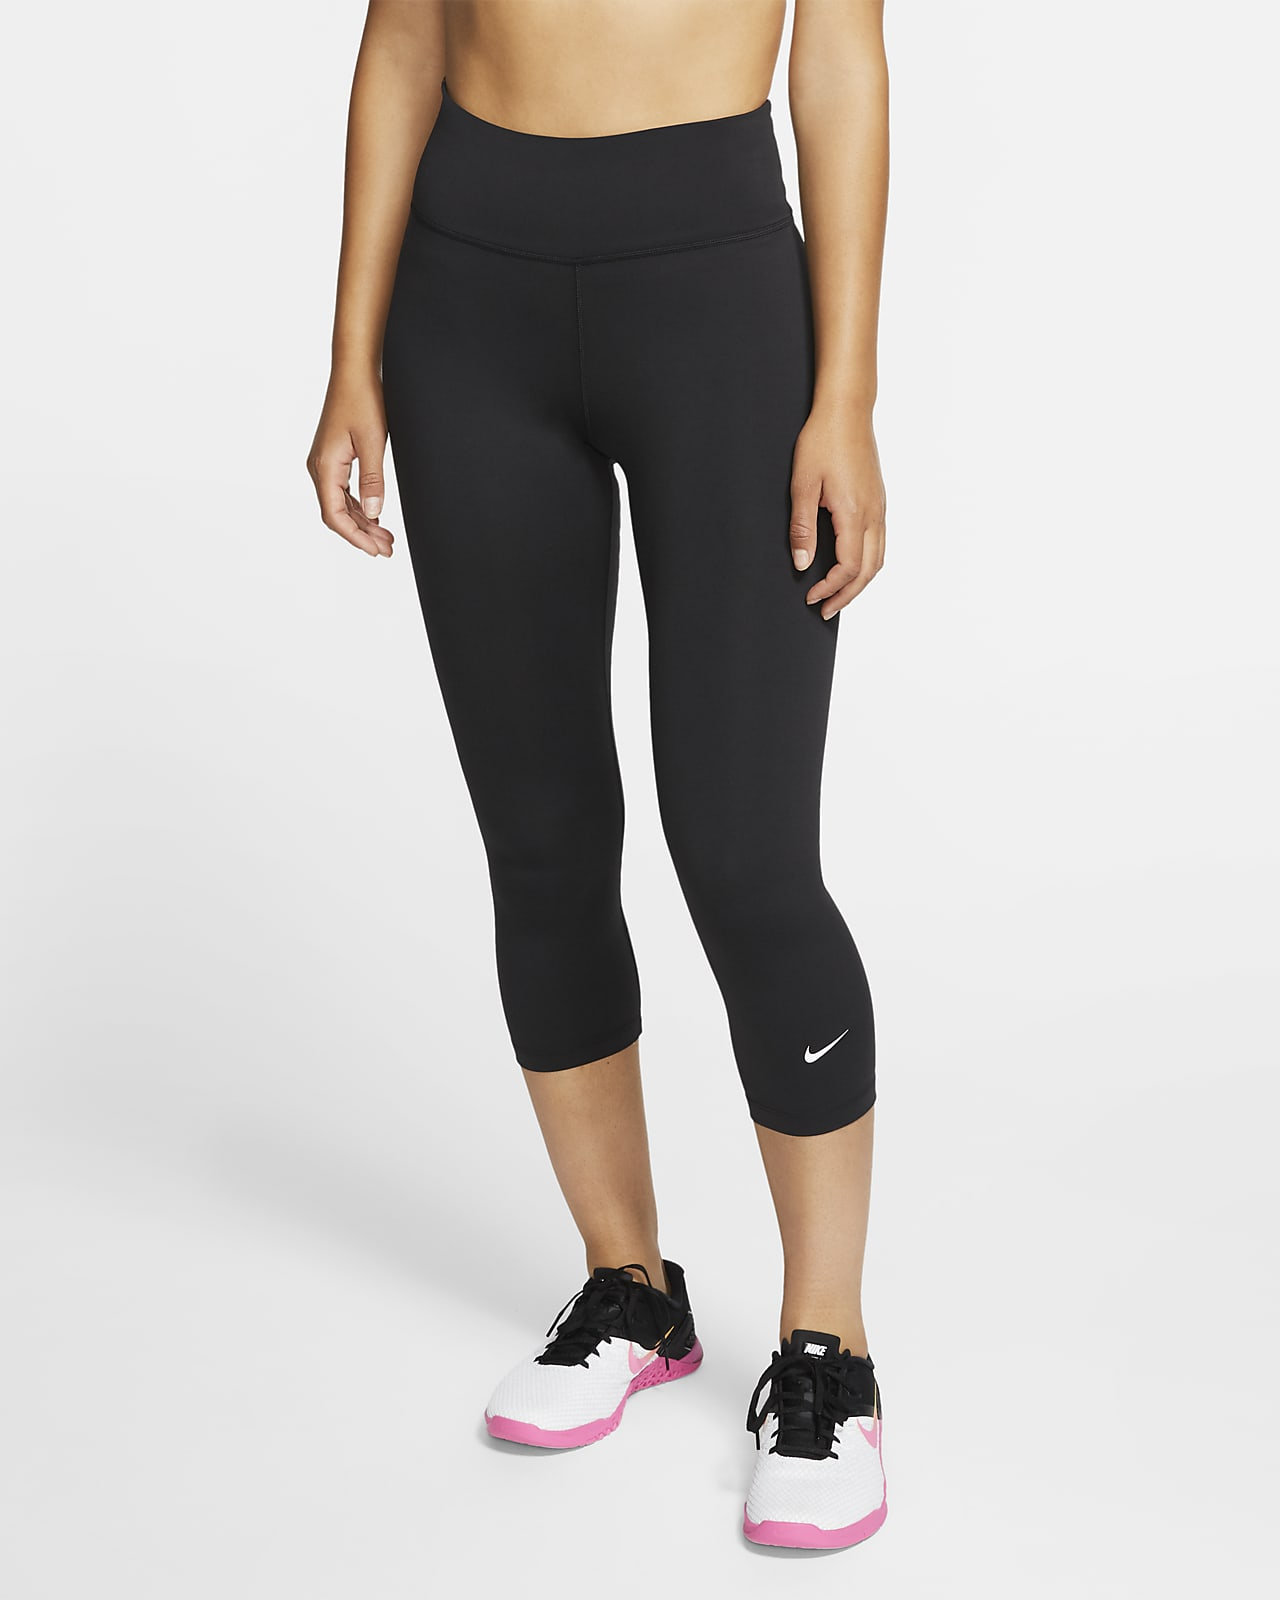 Nike One-capribukser til kvinder